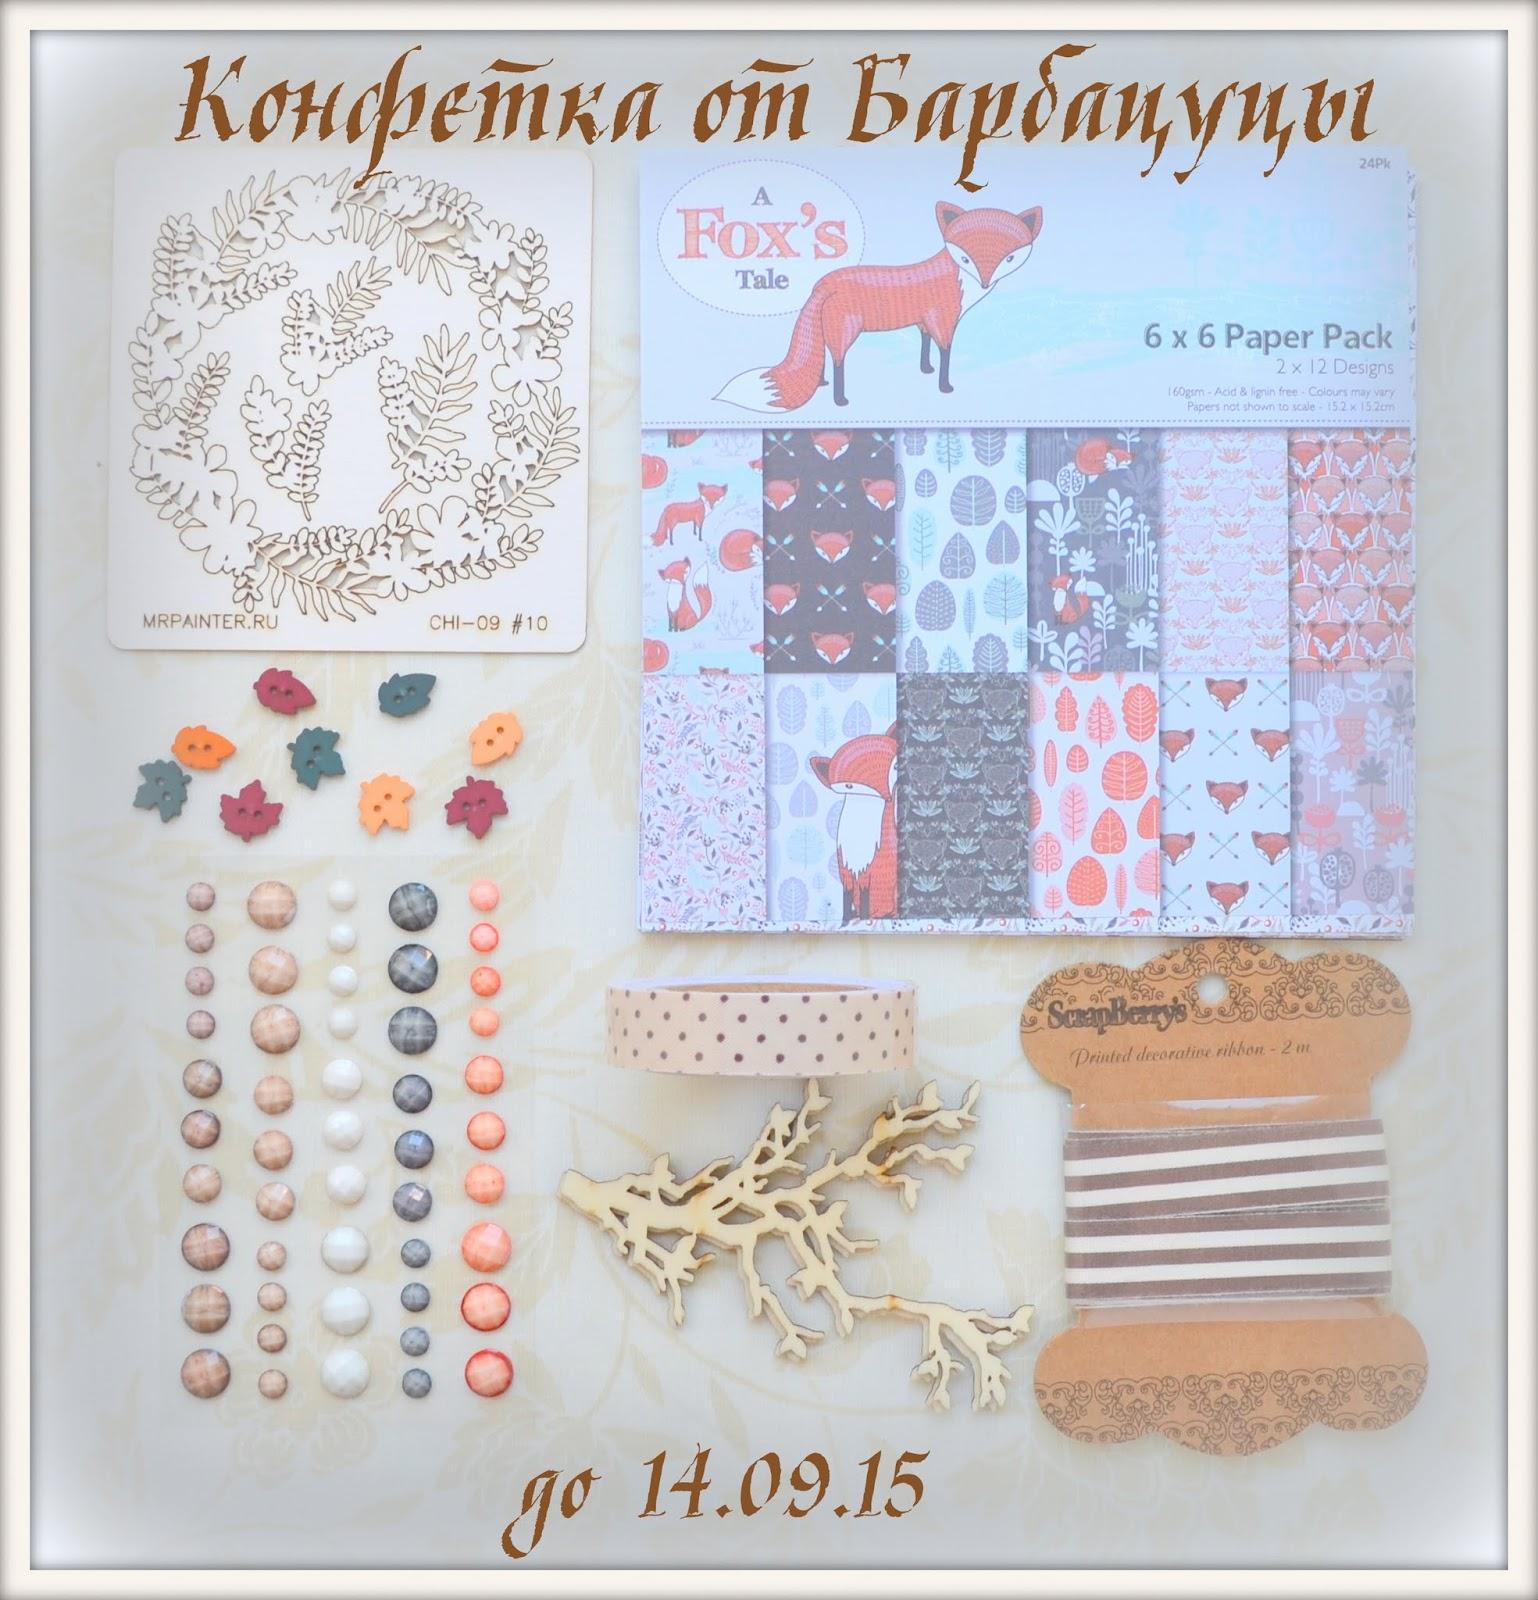 Конфетка от Оли barbacuca